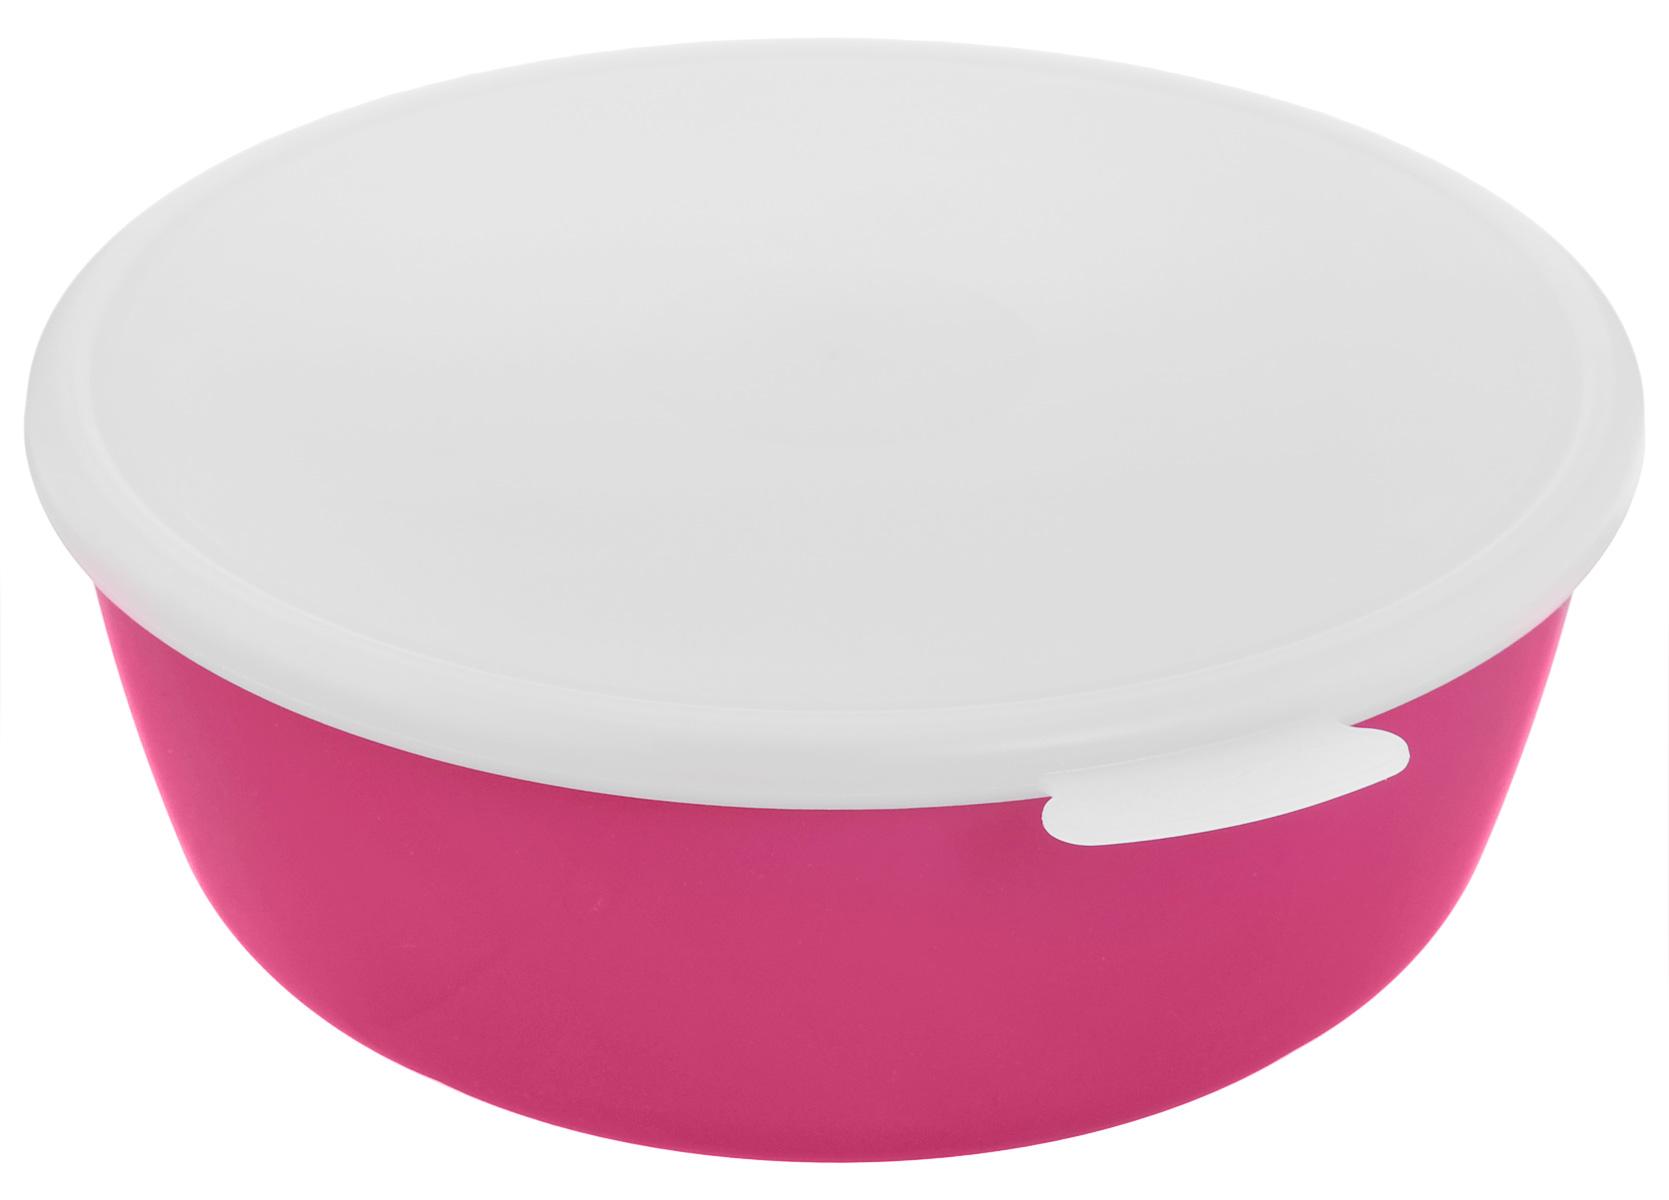 Миска Idea Прованс, с крышкой, цвет: малиновый, белый, 2,5 лМ 1382_малиновыйМиска круглой формы Idea Прованс изготовлена из высококачественного пищевого пластика. Изделие очень функциональное, оно пригодится на кухне для самых разнообразных нужд: в качестве салатника, миски, тарелки. Герметичная крышка обеспечивает продуктам долгий срок хранения. Диаметр миски: 22,5 см. Высота миски: 8,5 см.